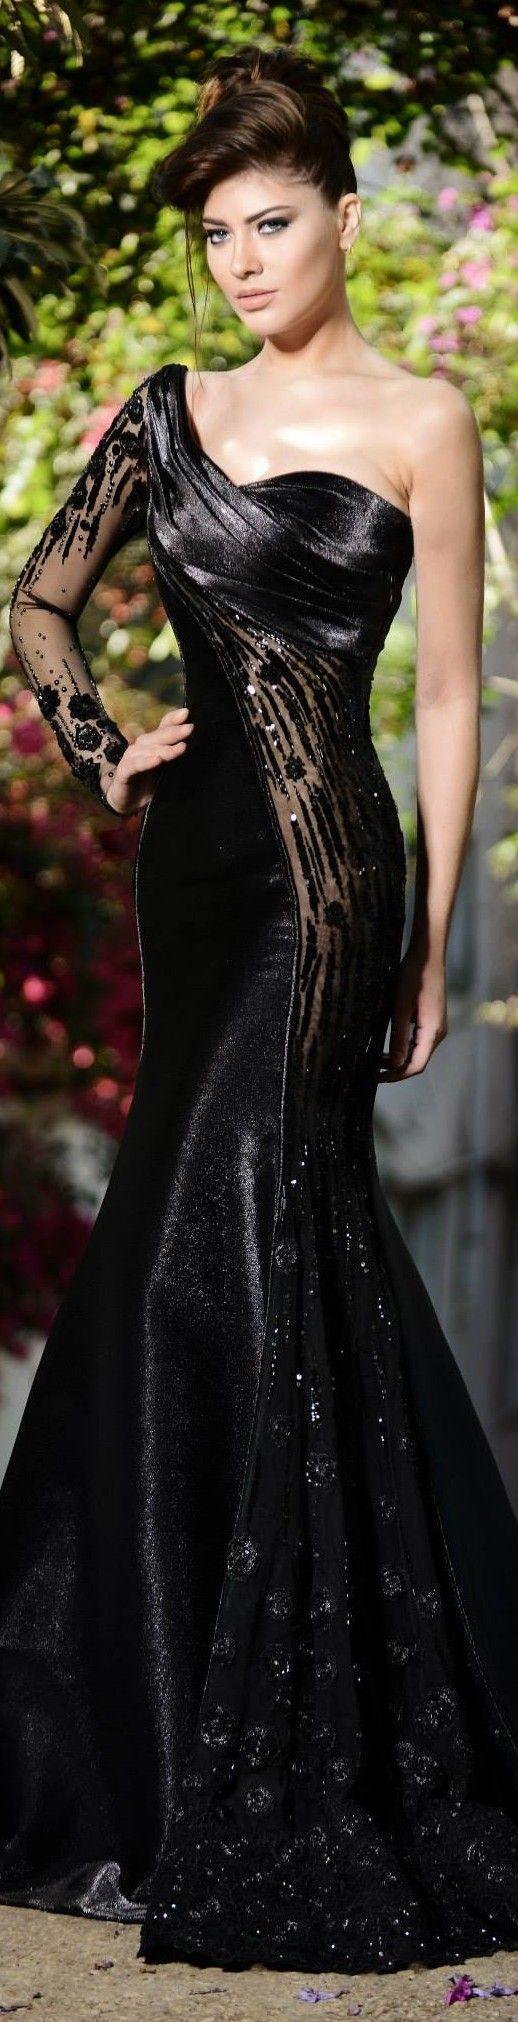 زفاف - Elegant Eveningwear